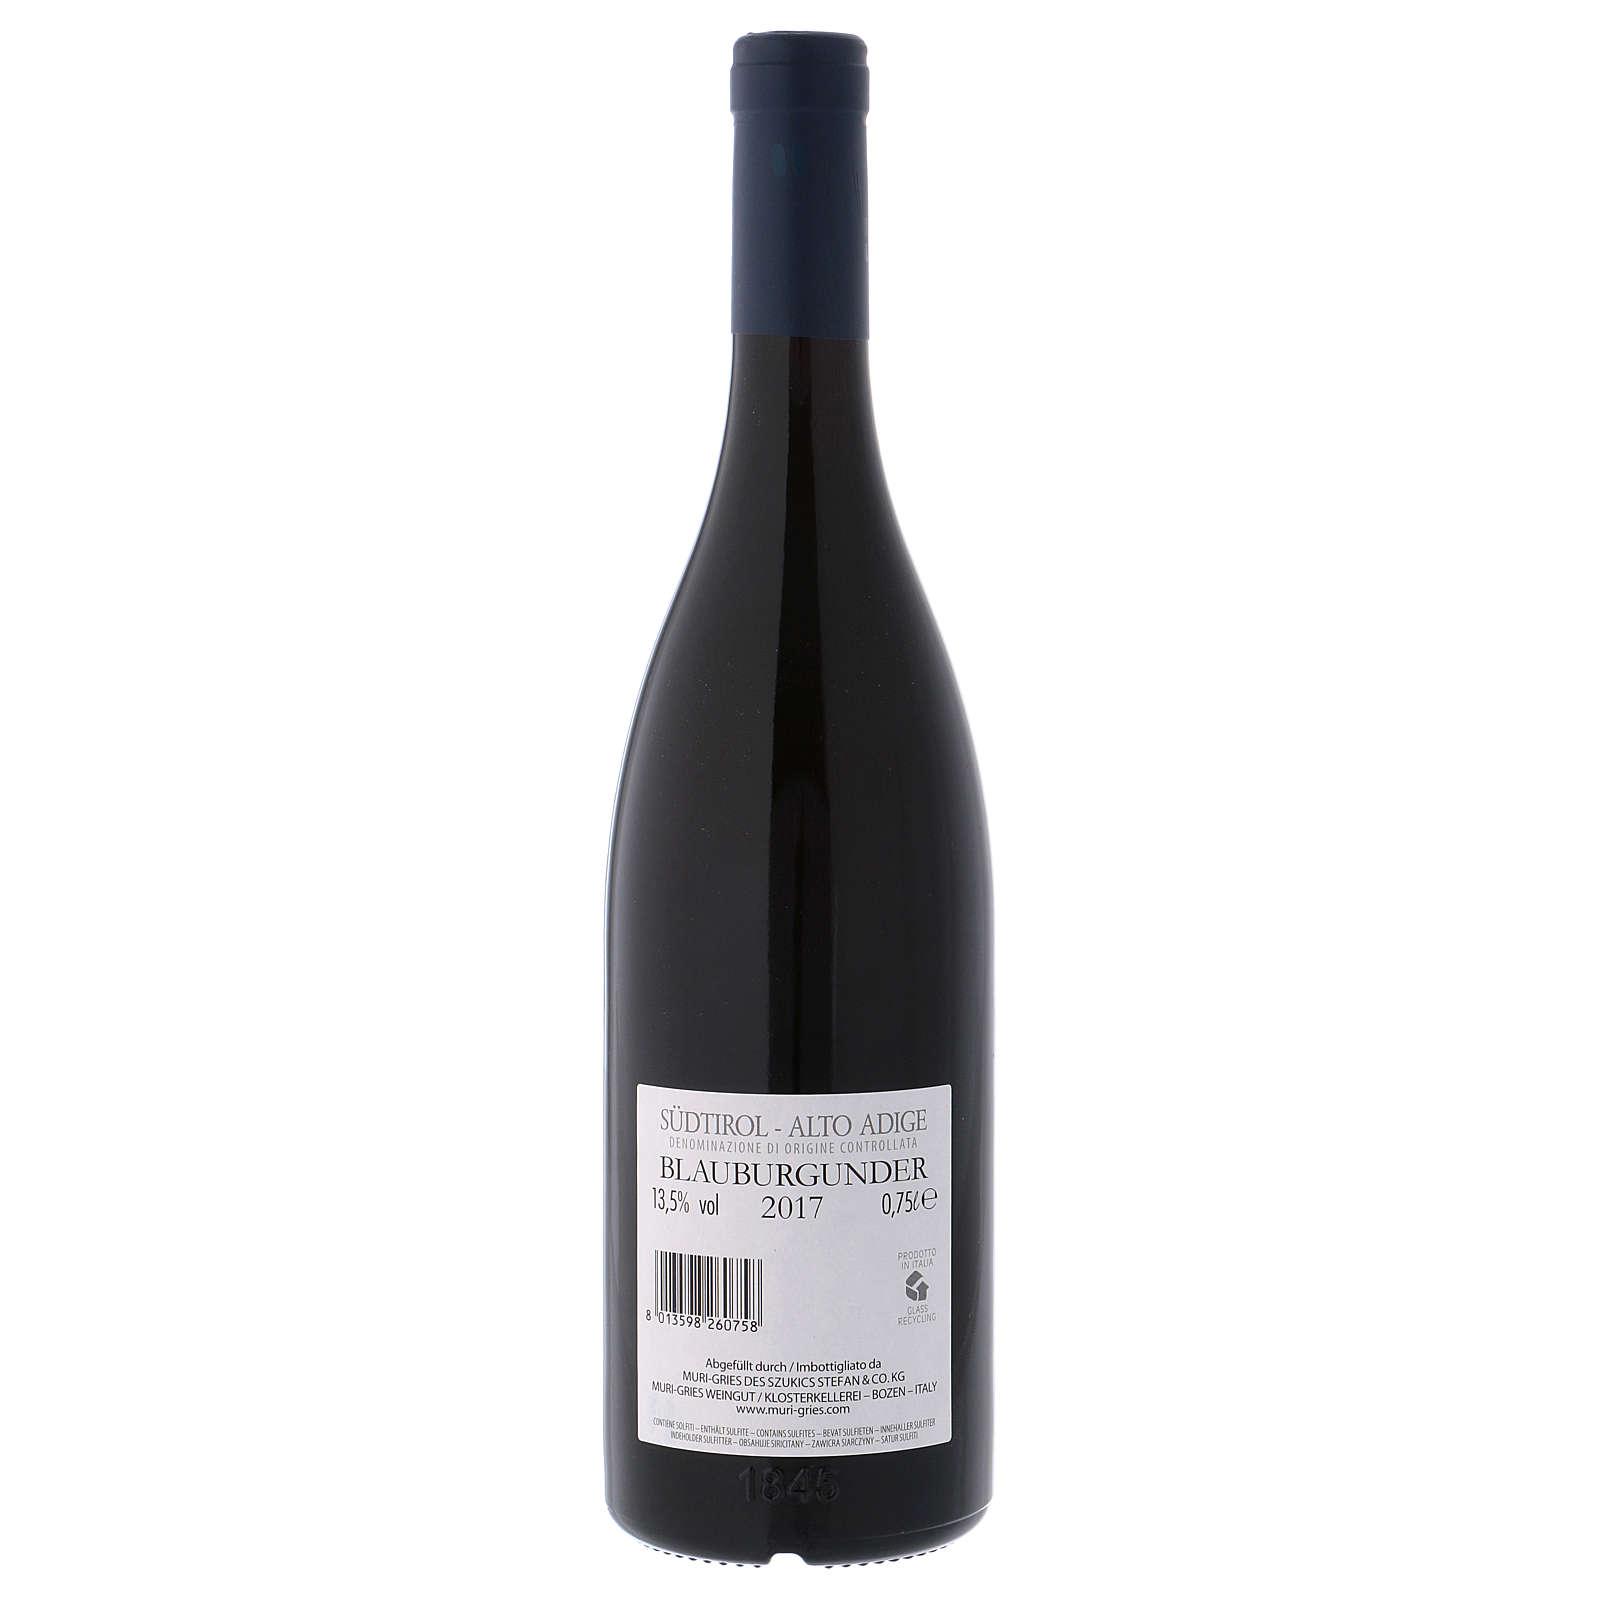 Vin Pinot Noir 2017 Abbaye Muri Gries 750 ml 3